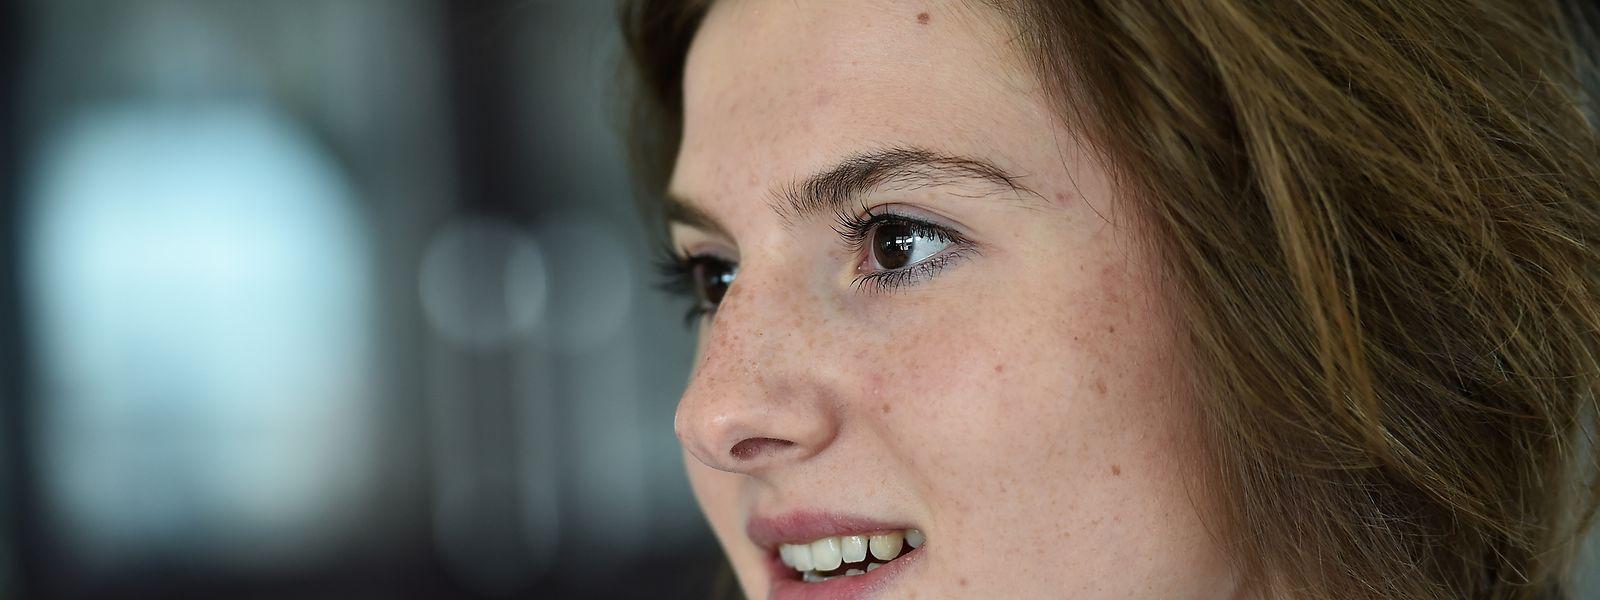 Anne-Sophie Harsch gehört die Zukunft.